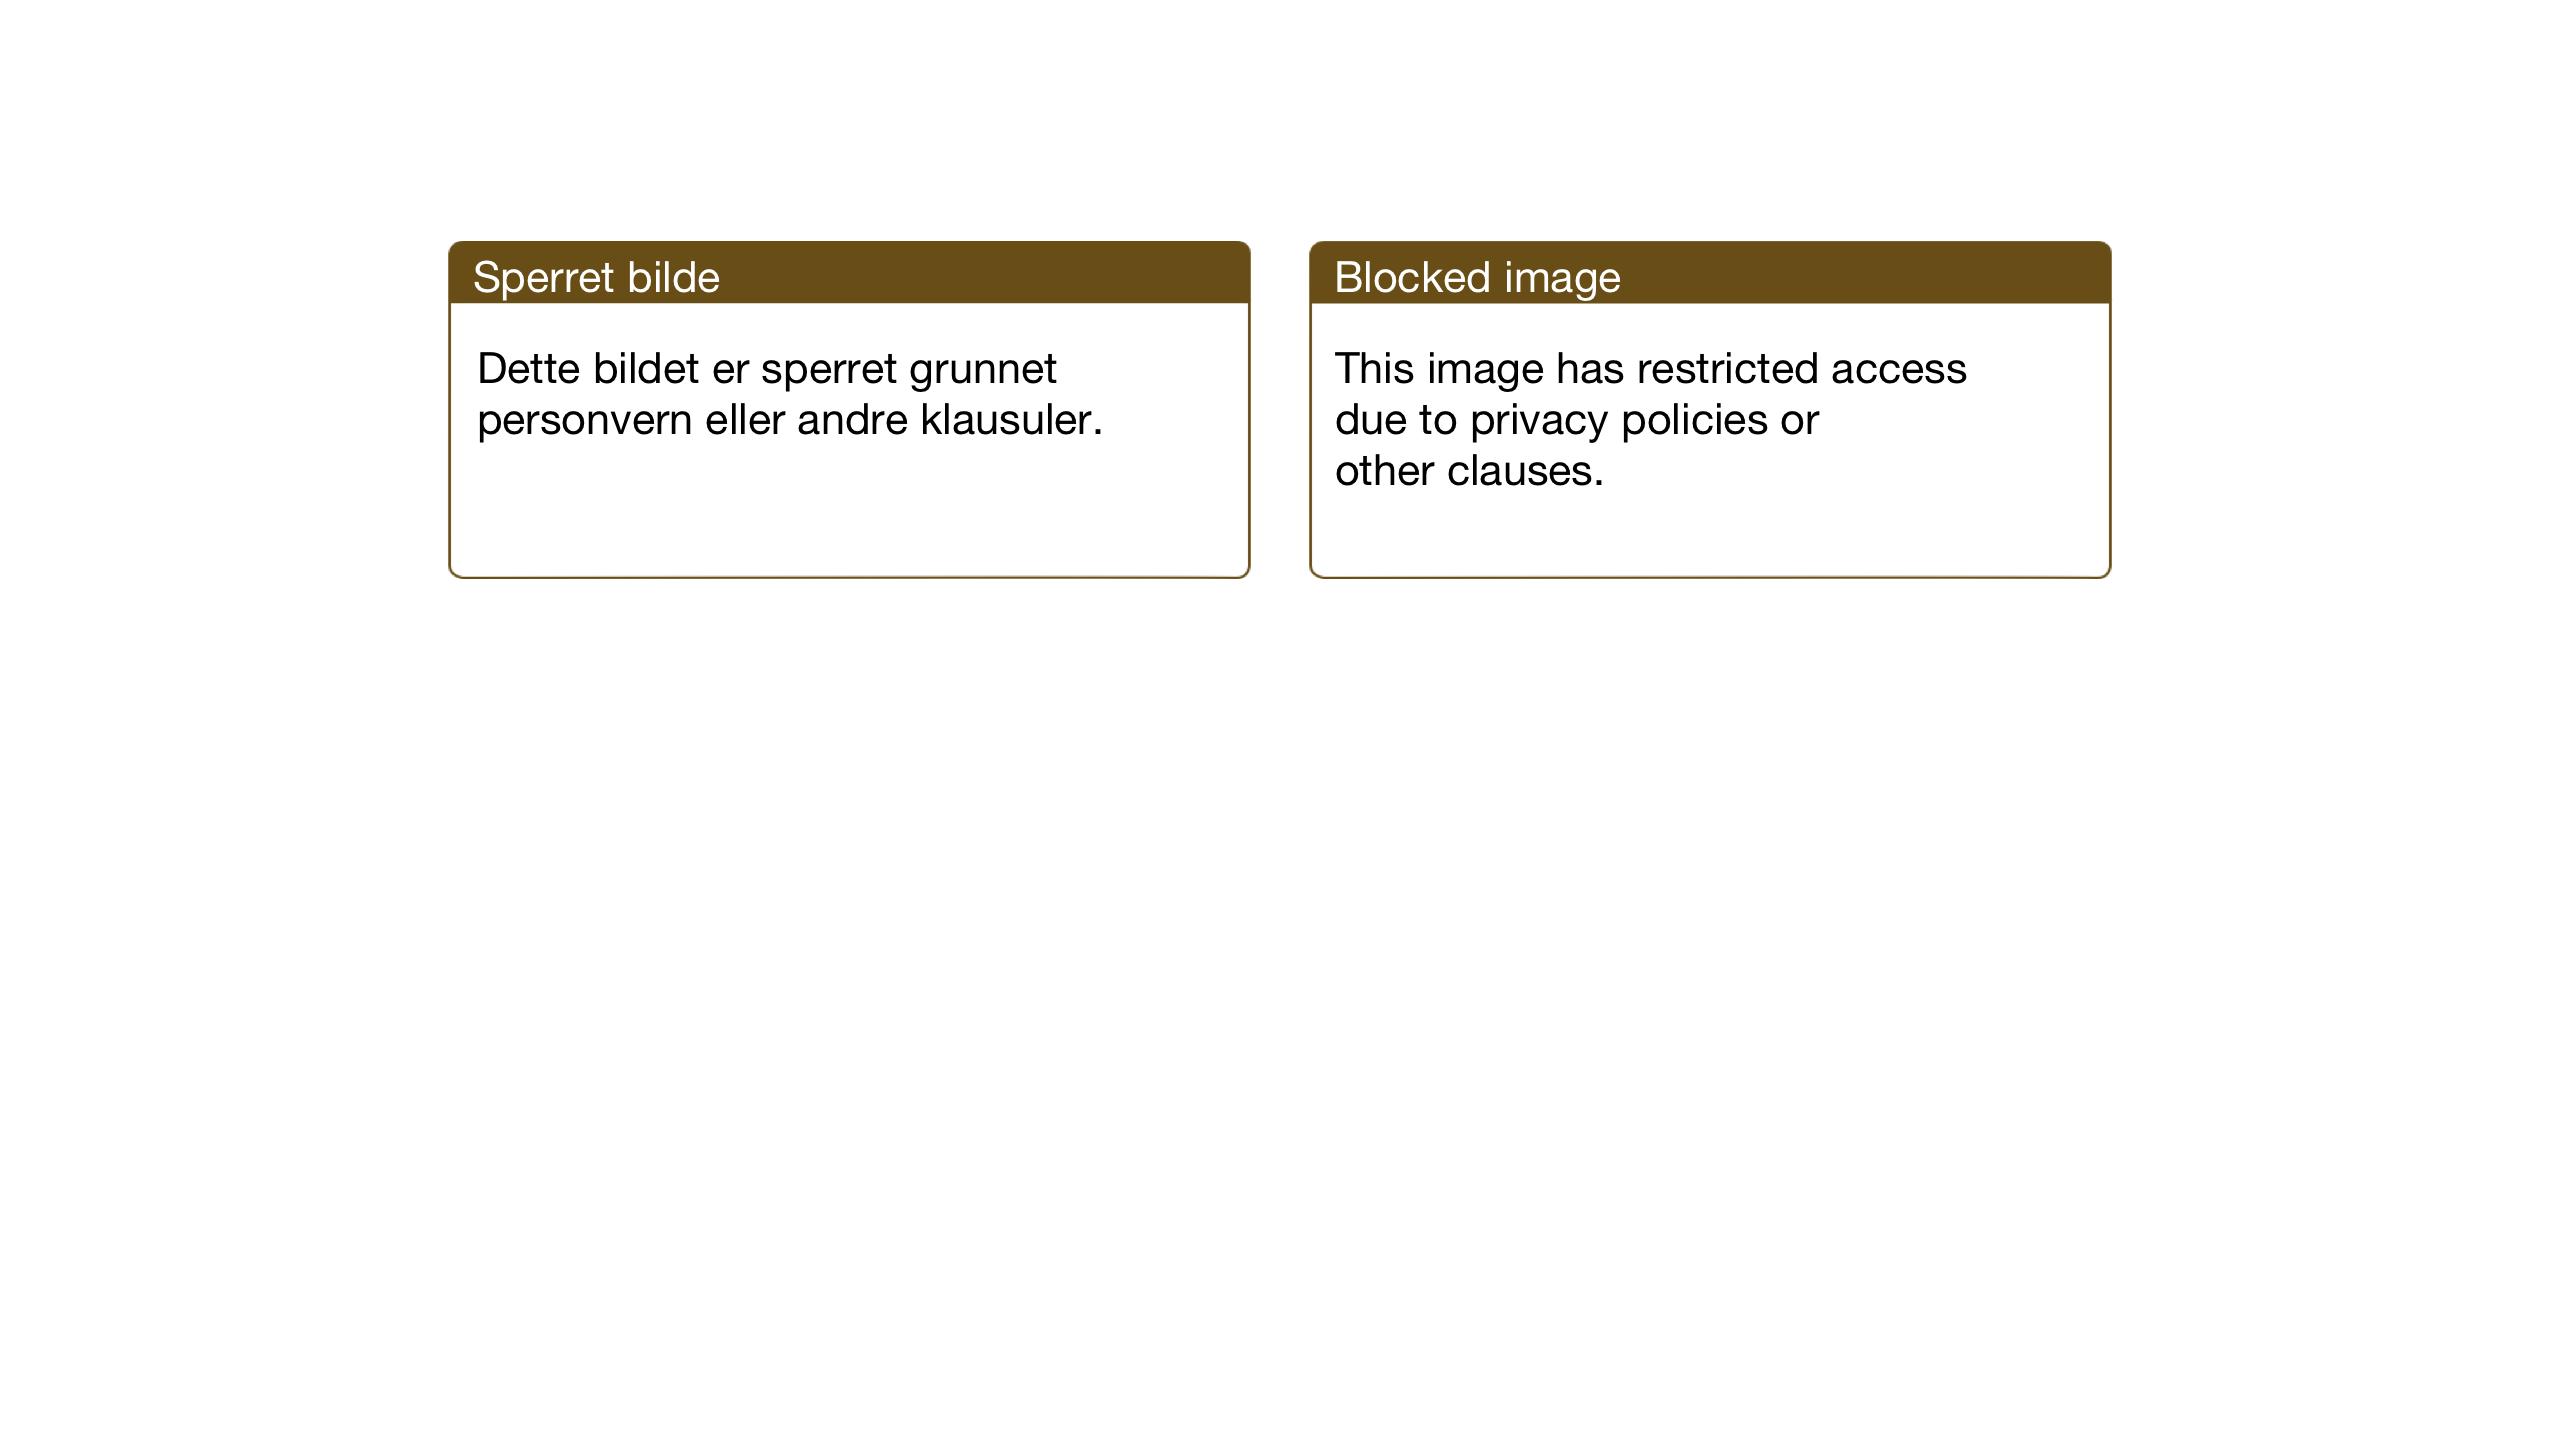 SAT, Ministerialprotokoller, klokkerbøker og fødselsregistre - Sør-Trøndelag, 653/L0658: Klokkerbok nr. 653C02, 1919-1947, s. 66